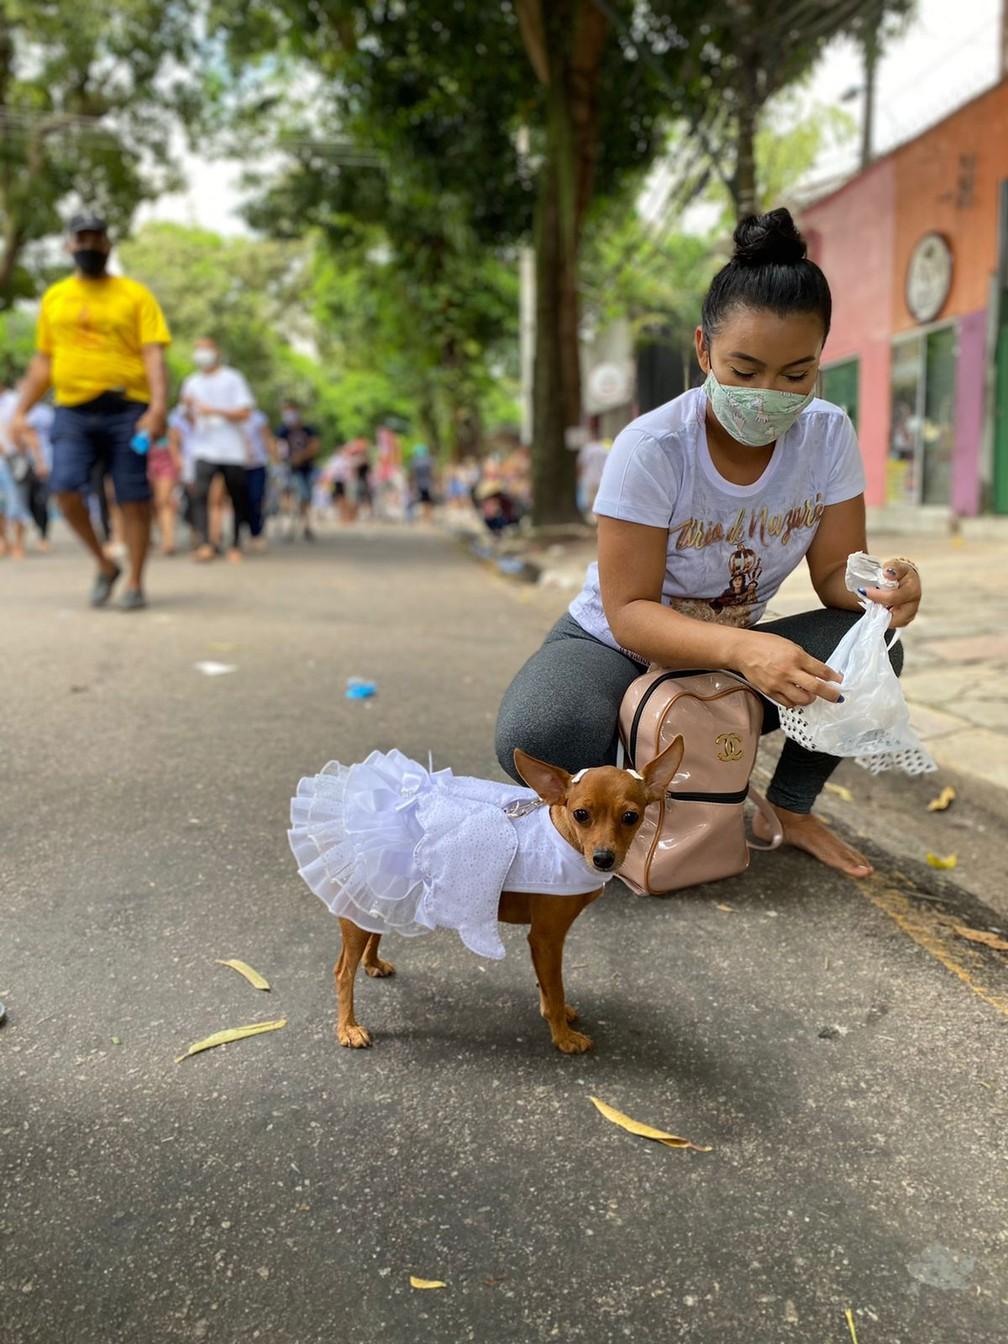 Círio de Nazaré 2021: Alguns devotos percorreram as ruas de Belém acompanhados do animal de estimação para pagar promessa — Foto: Brenda Rachit/G1